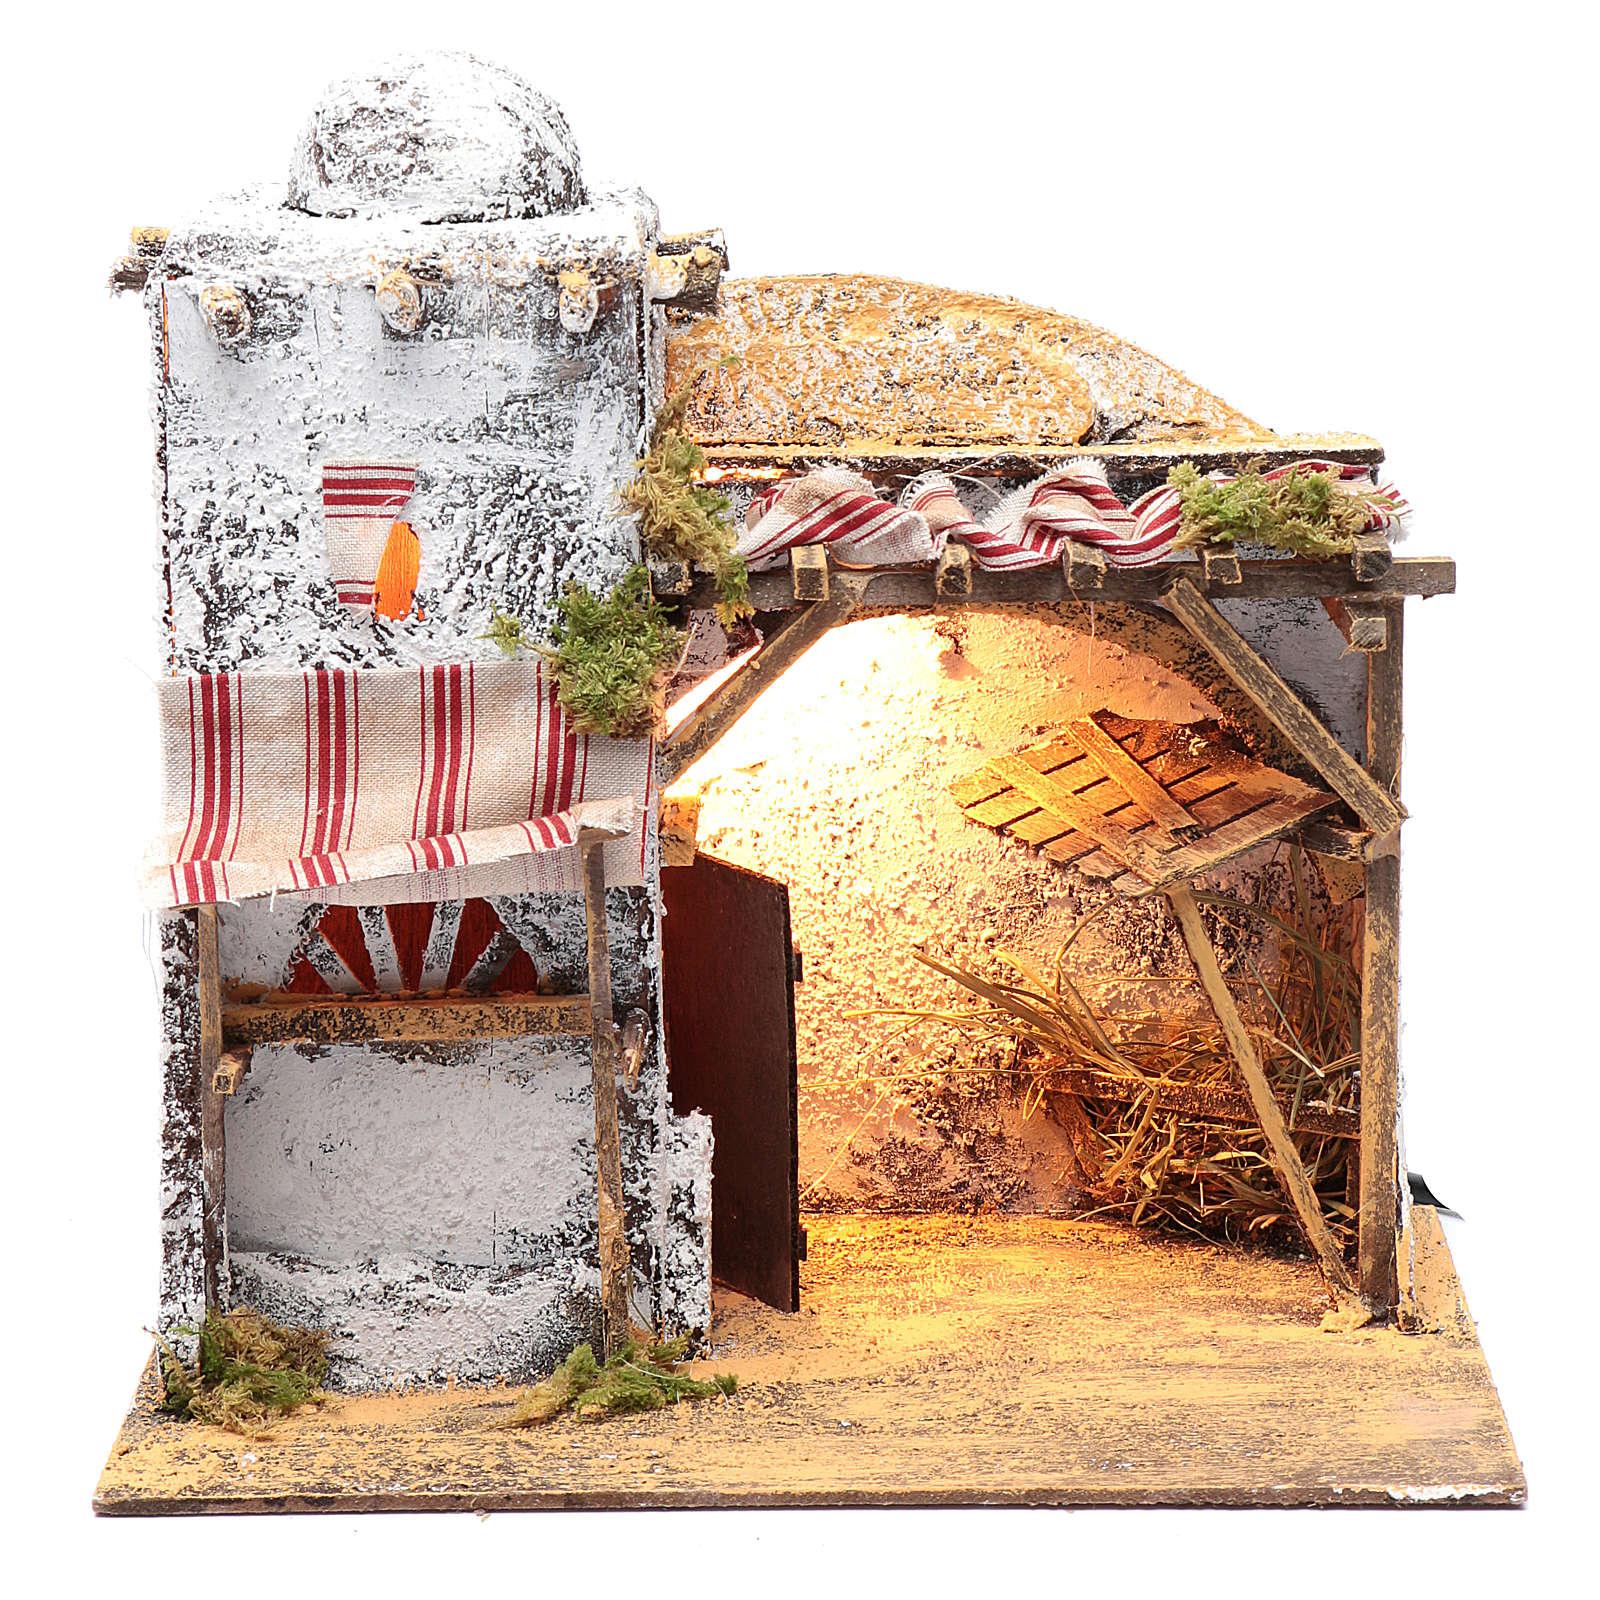 Ambientazione araba tendina e mangiatoia presepe Napoli 30x30x20 cm 4